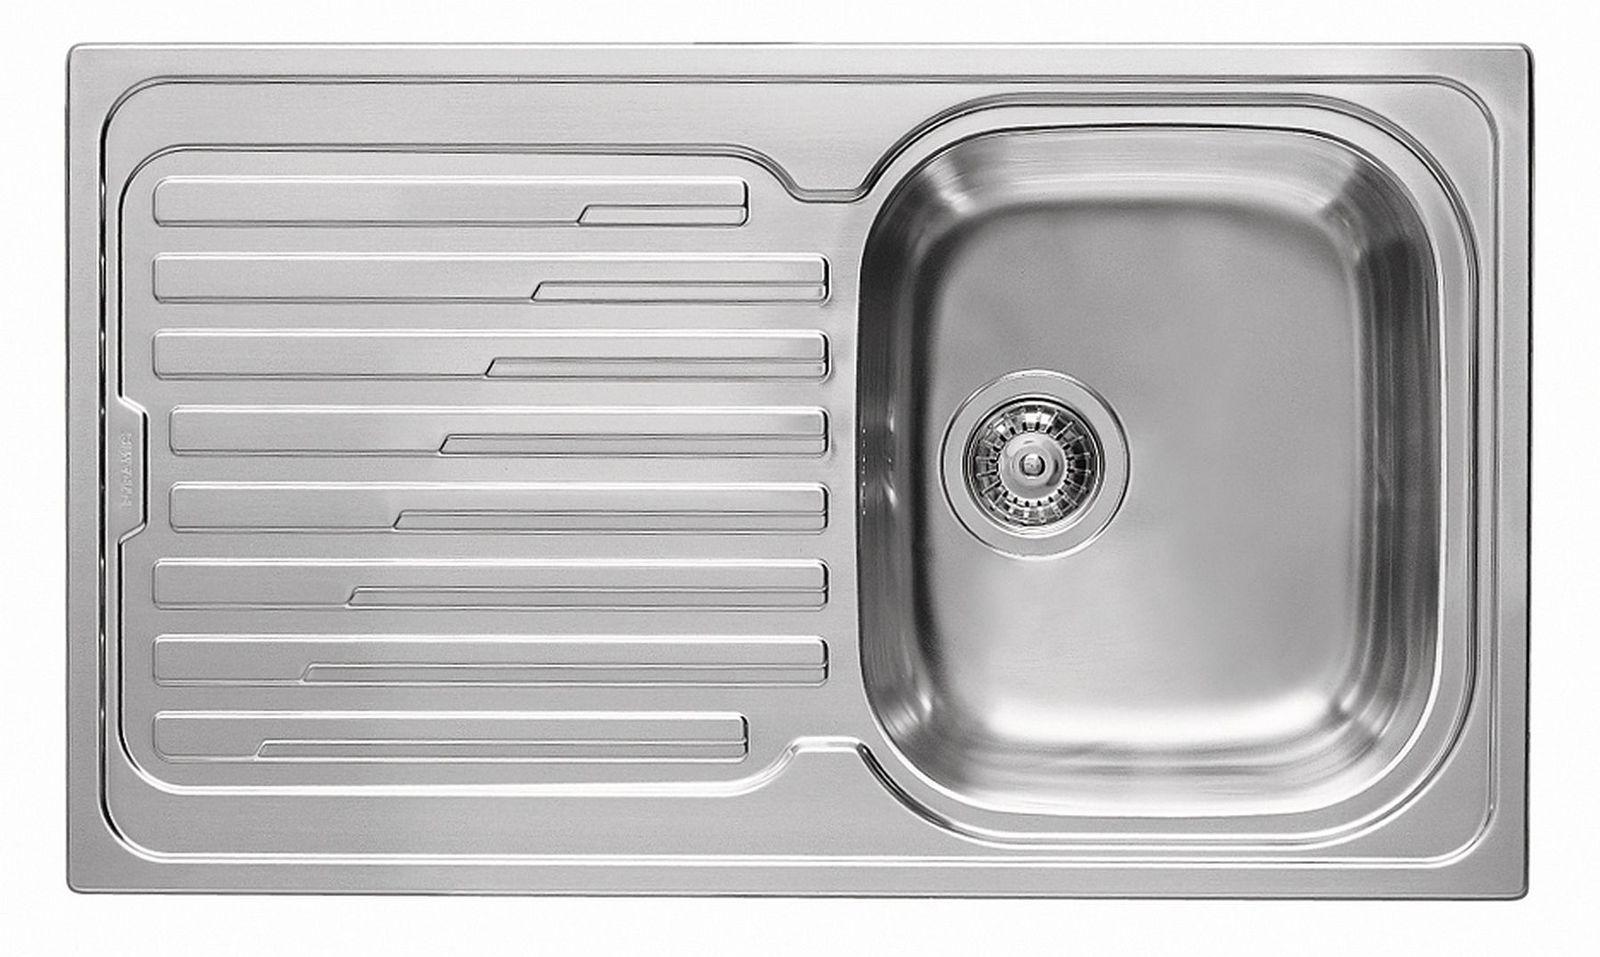 Pyramis Einbau Küchenspüle 860 x 500 mm Fernbedienung 1 Spülbecken ...